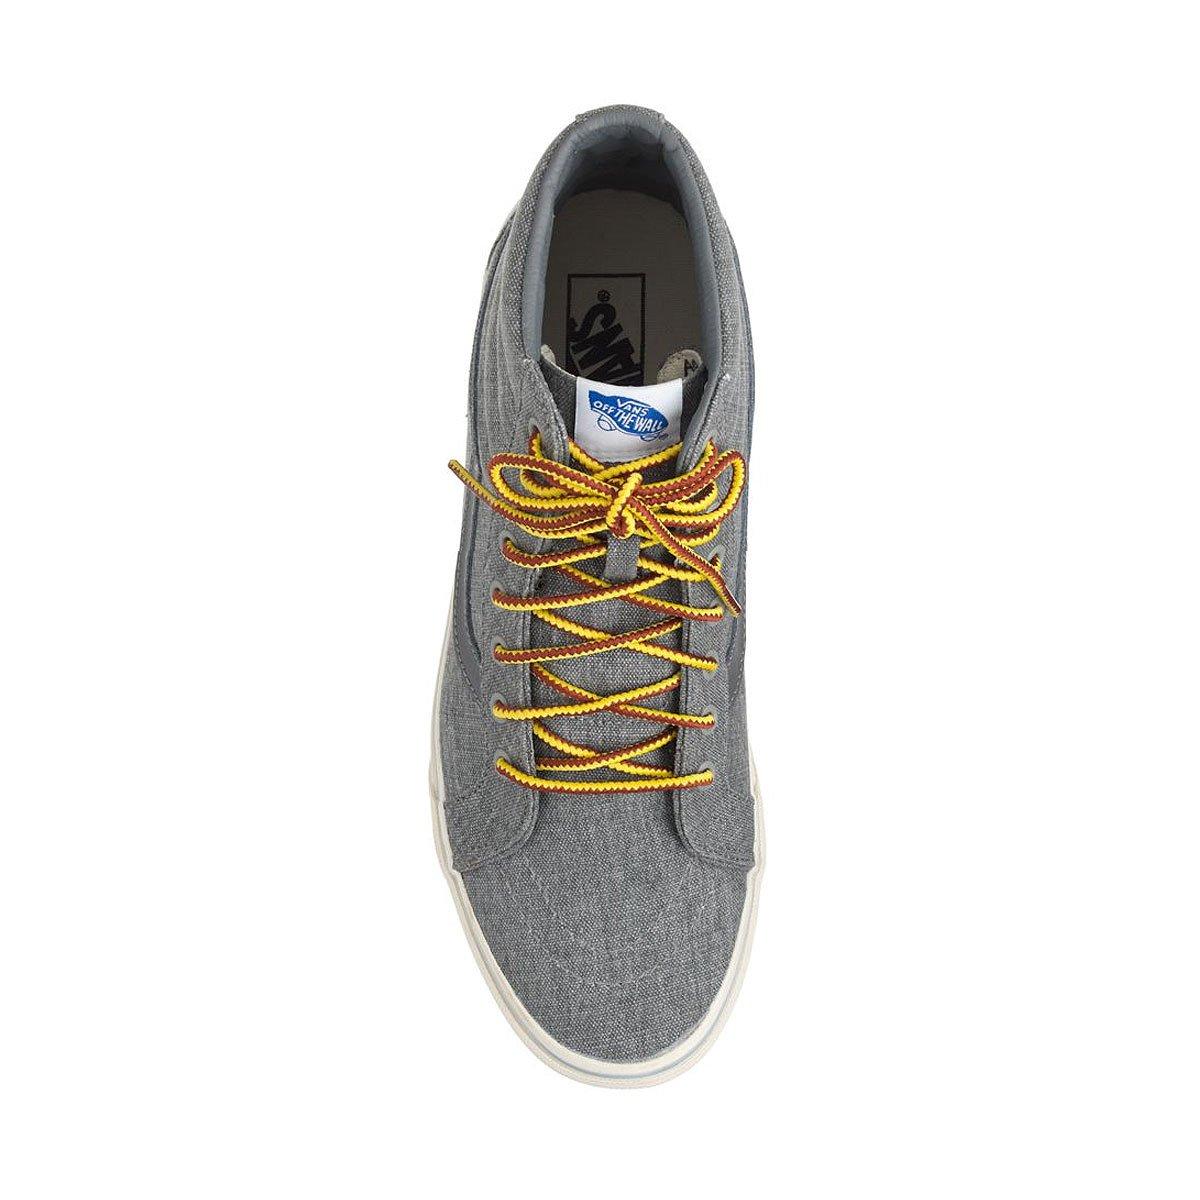 4ce947b7887ba7 J.Crew X Vans Hi-Top Sneaker